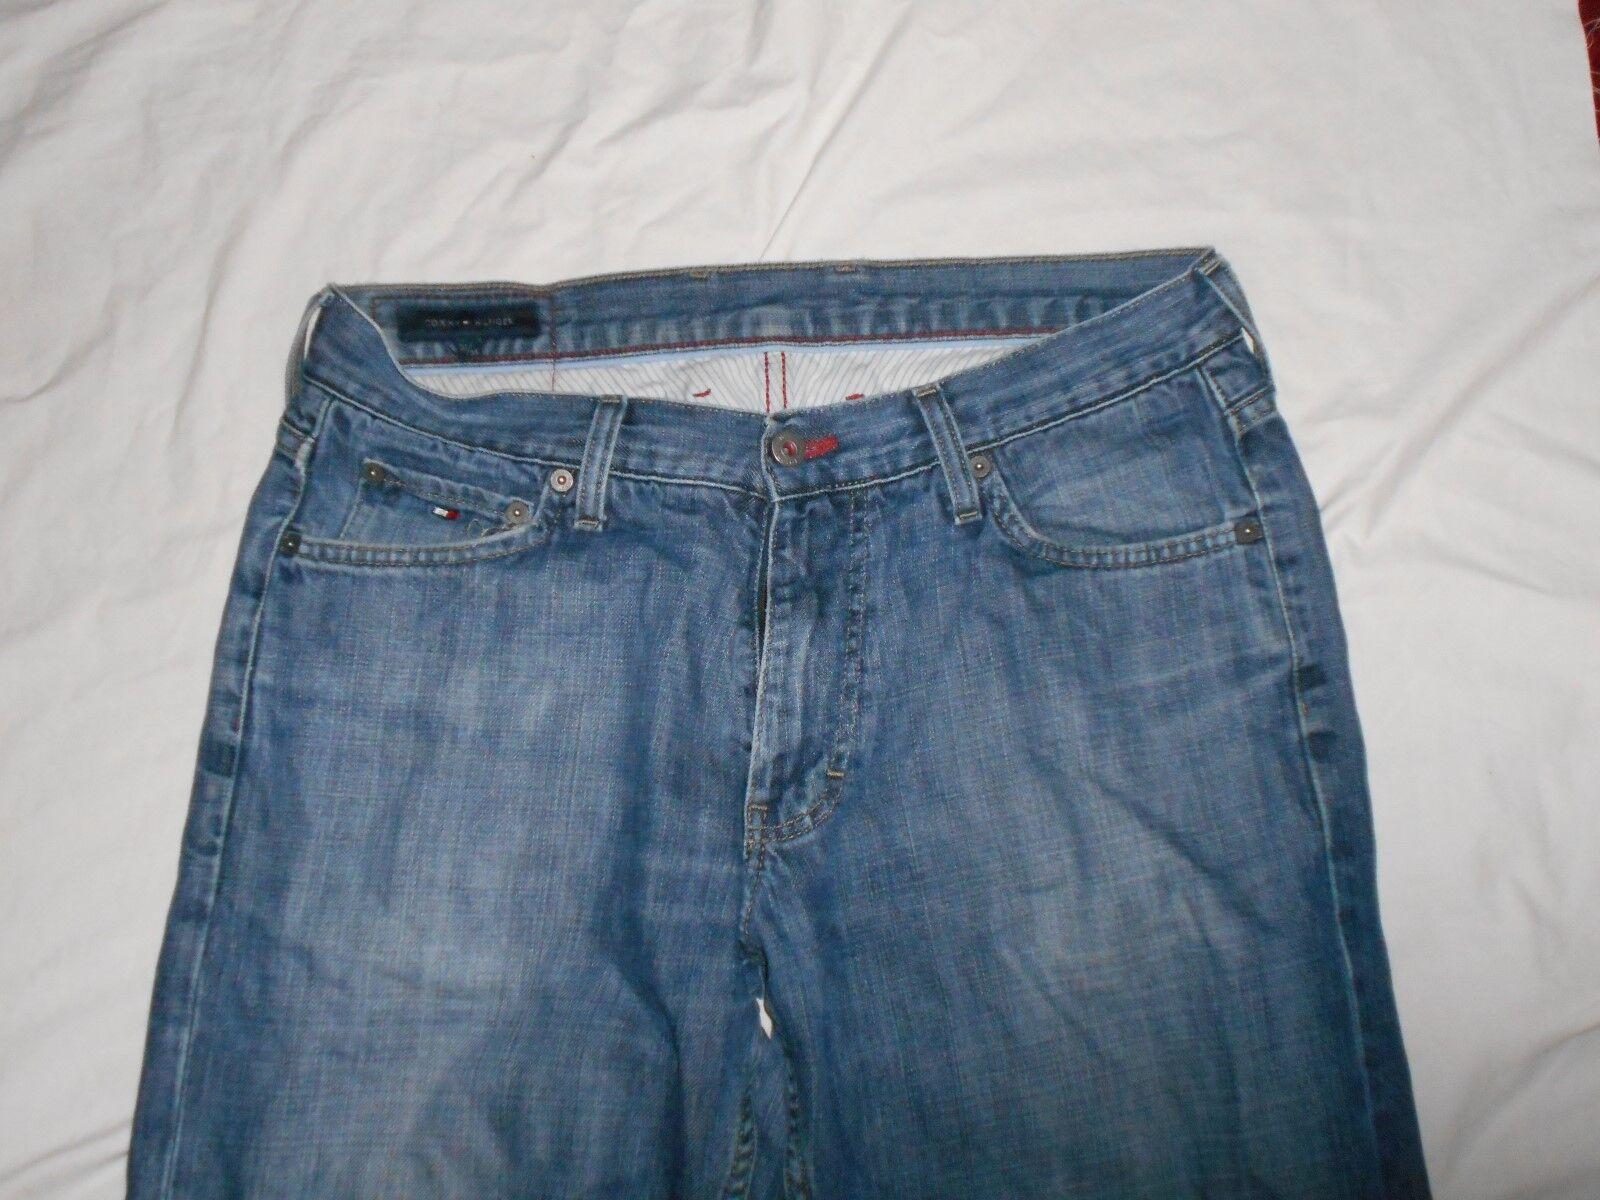 Vintage Tommy Hilfiger Taille 32 34 inside leg Classic Jeans pour homme Bleu Délavé Jeans Classic #130 cb5426